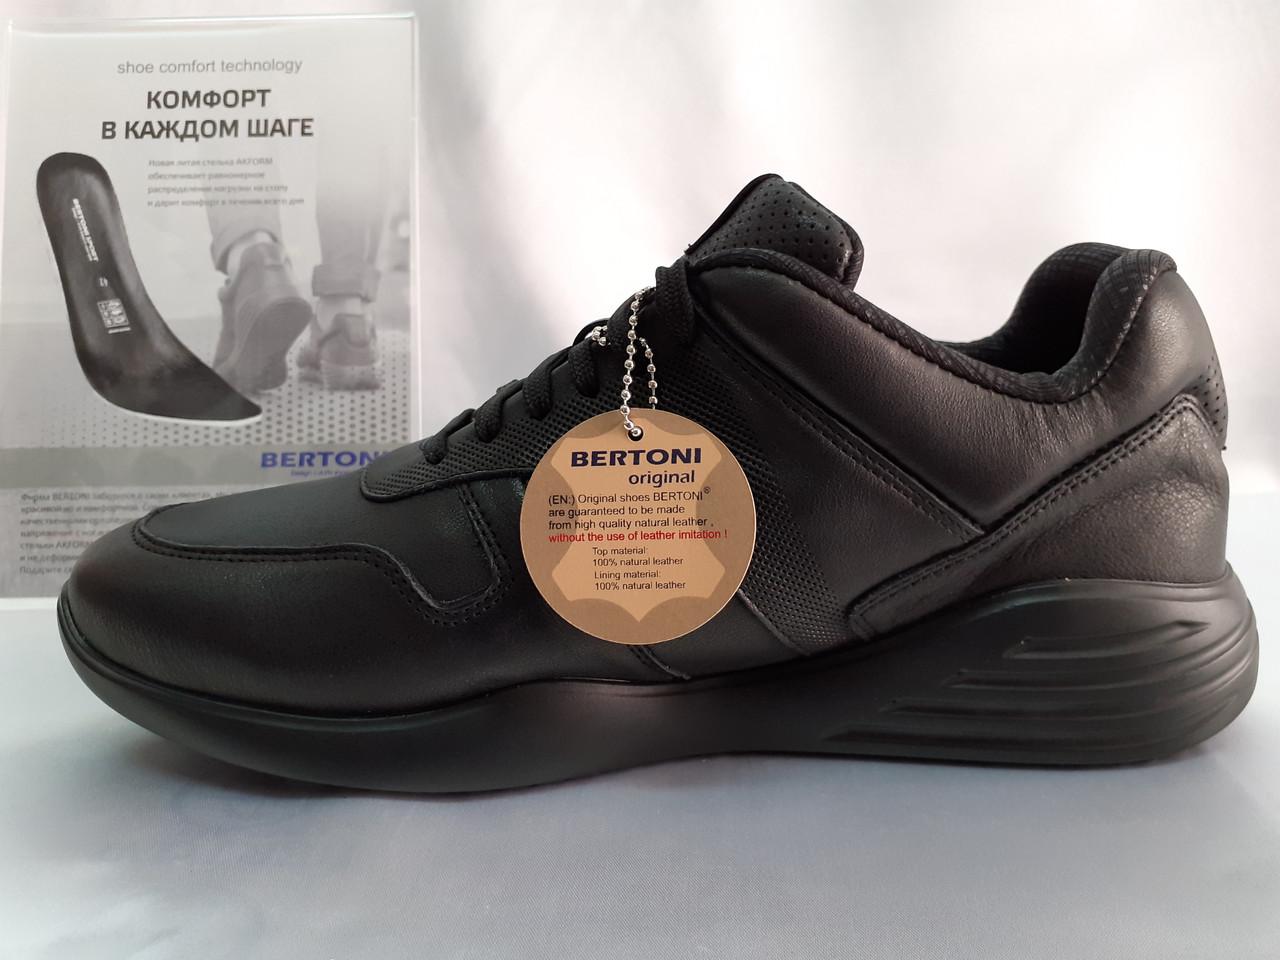 Стильные осенние кожаные полуботинки под кроссовки Bertoni